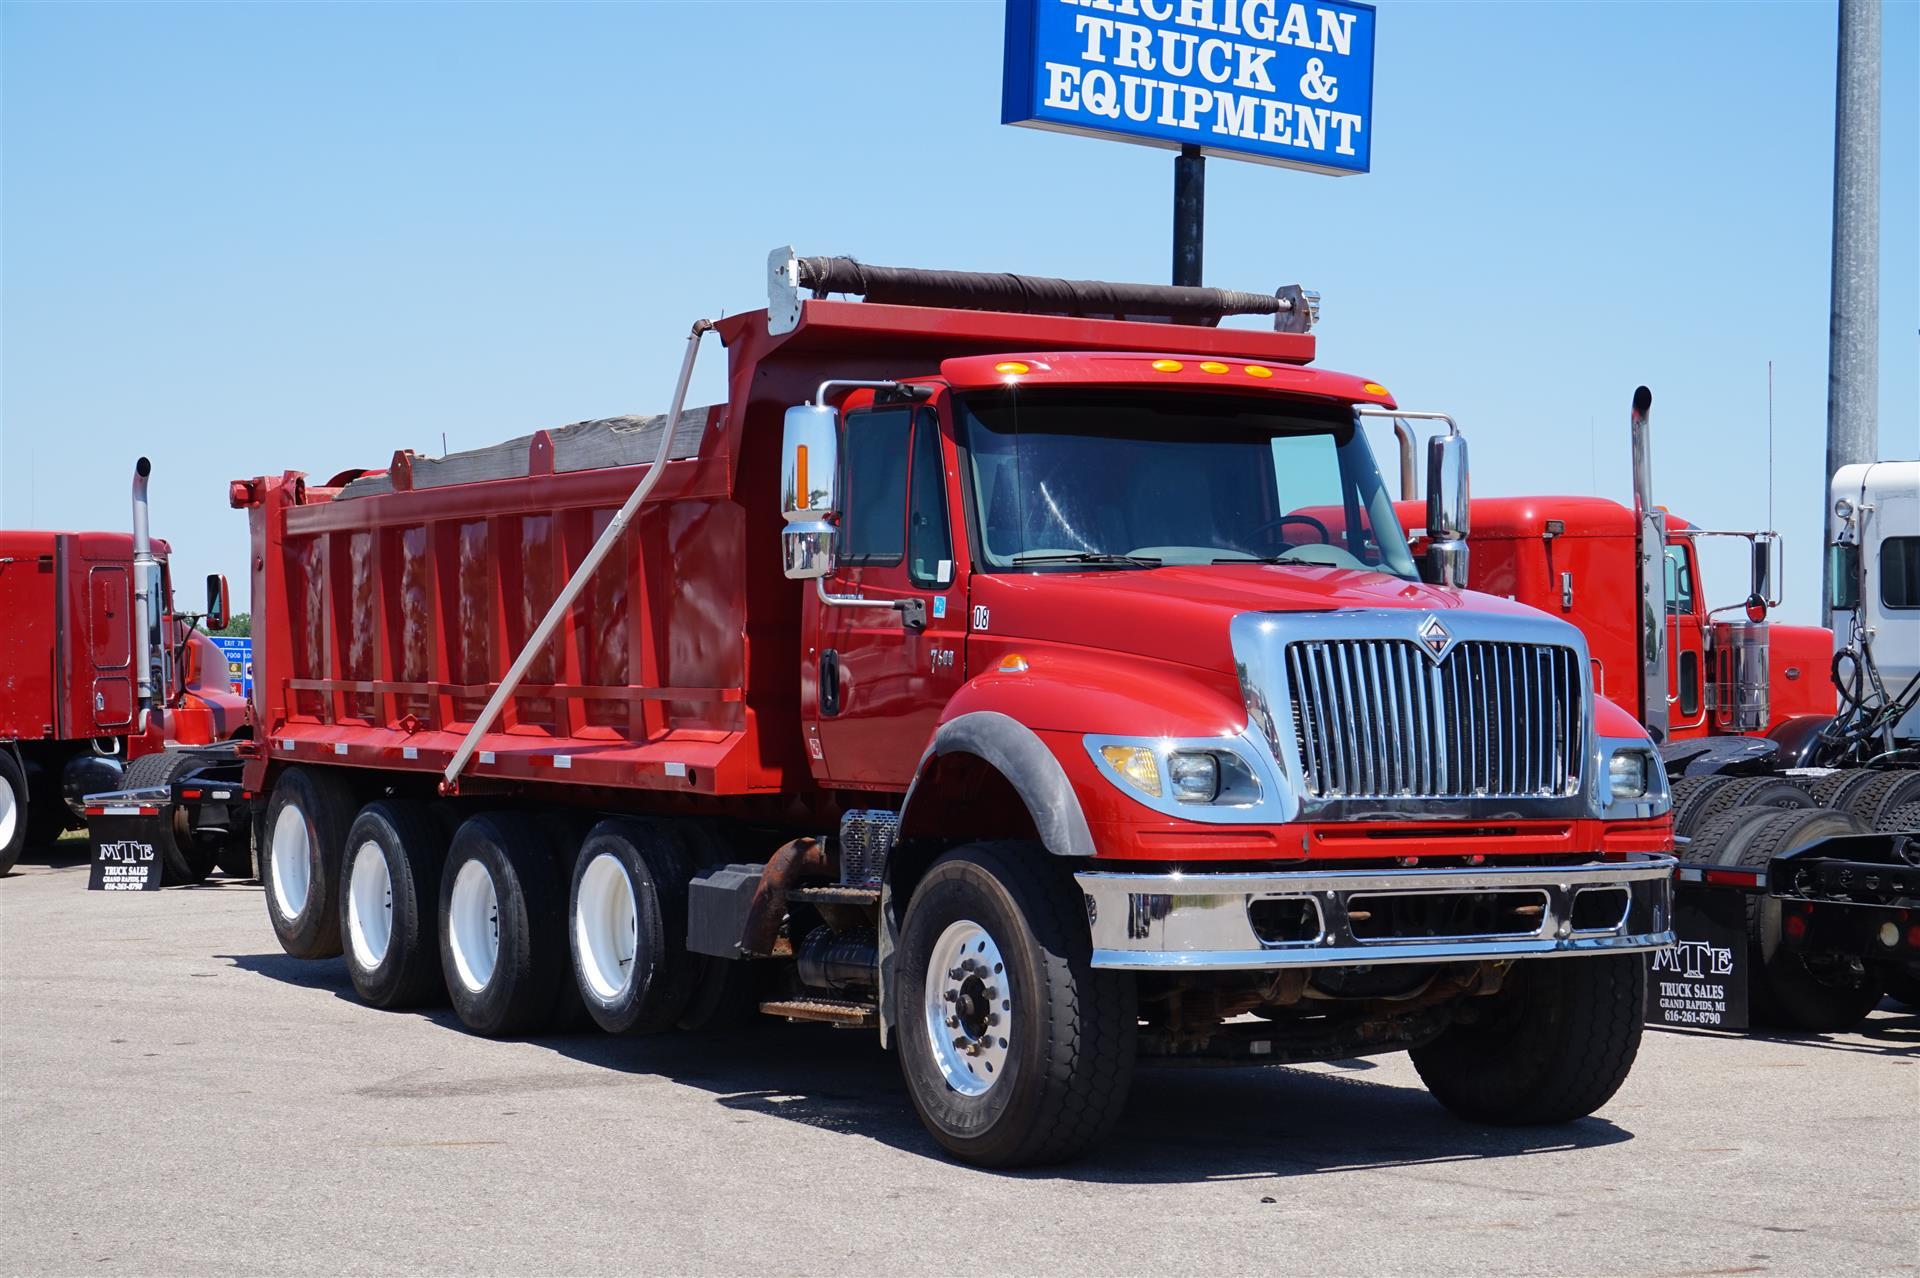 2007 International 7600 DUMP TRUCK 578669 Dump Truck